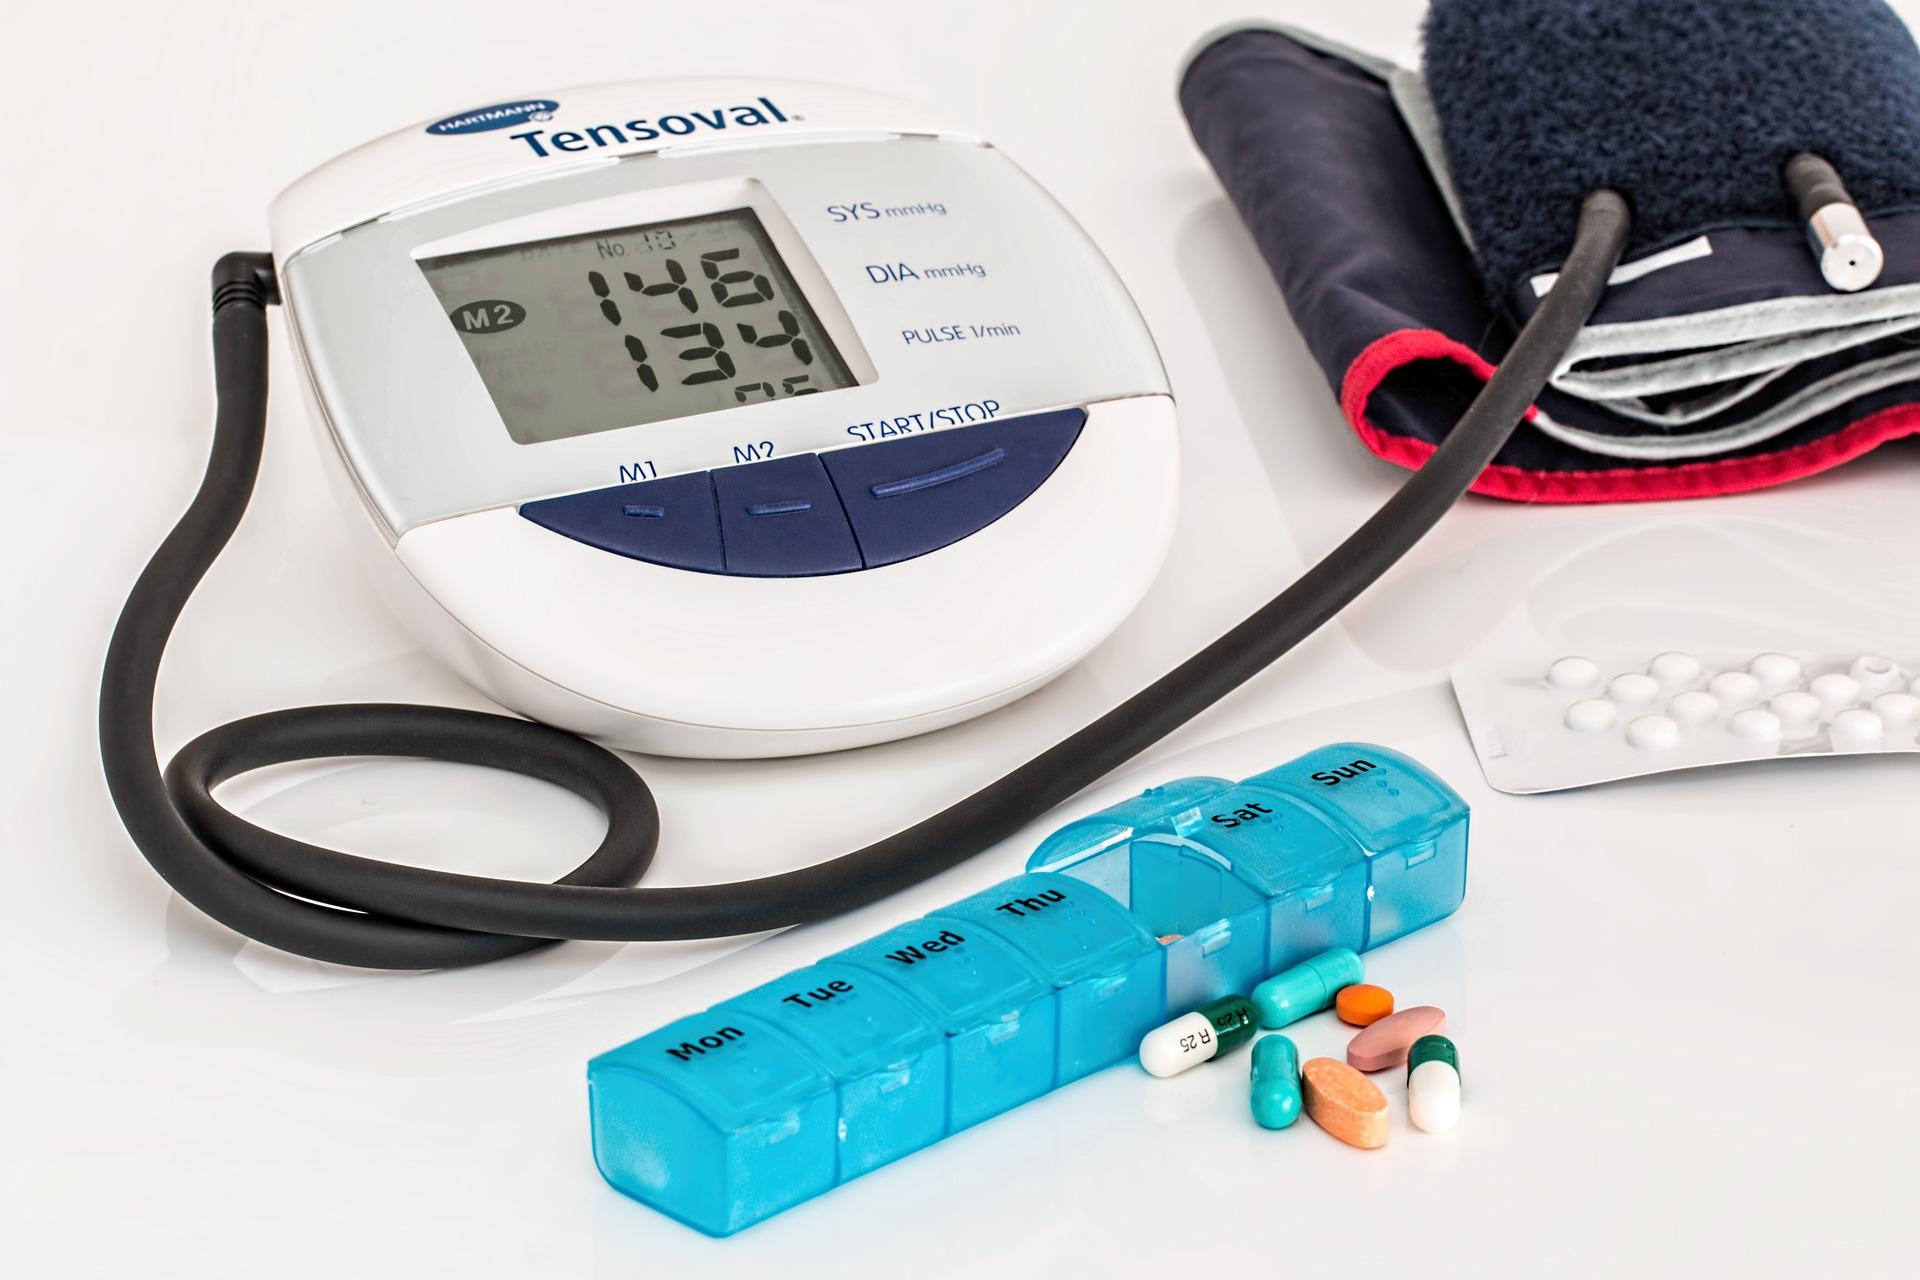 overzicht van de beste bloeddrukmeters uit de tests van 2020